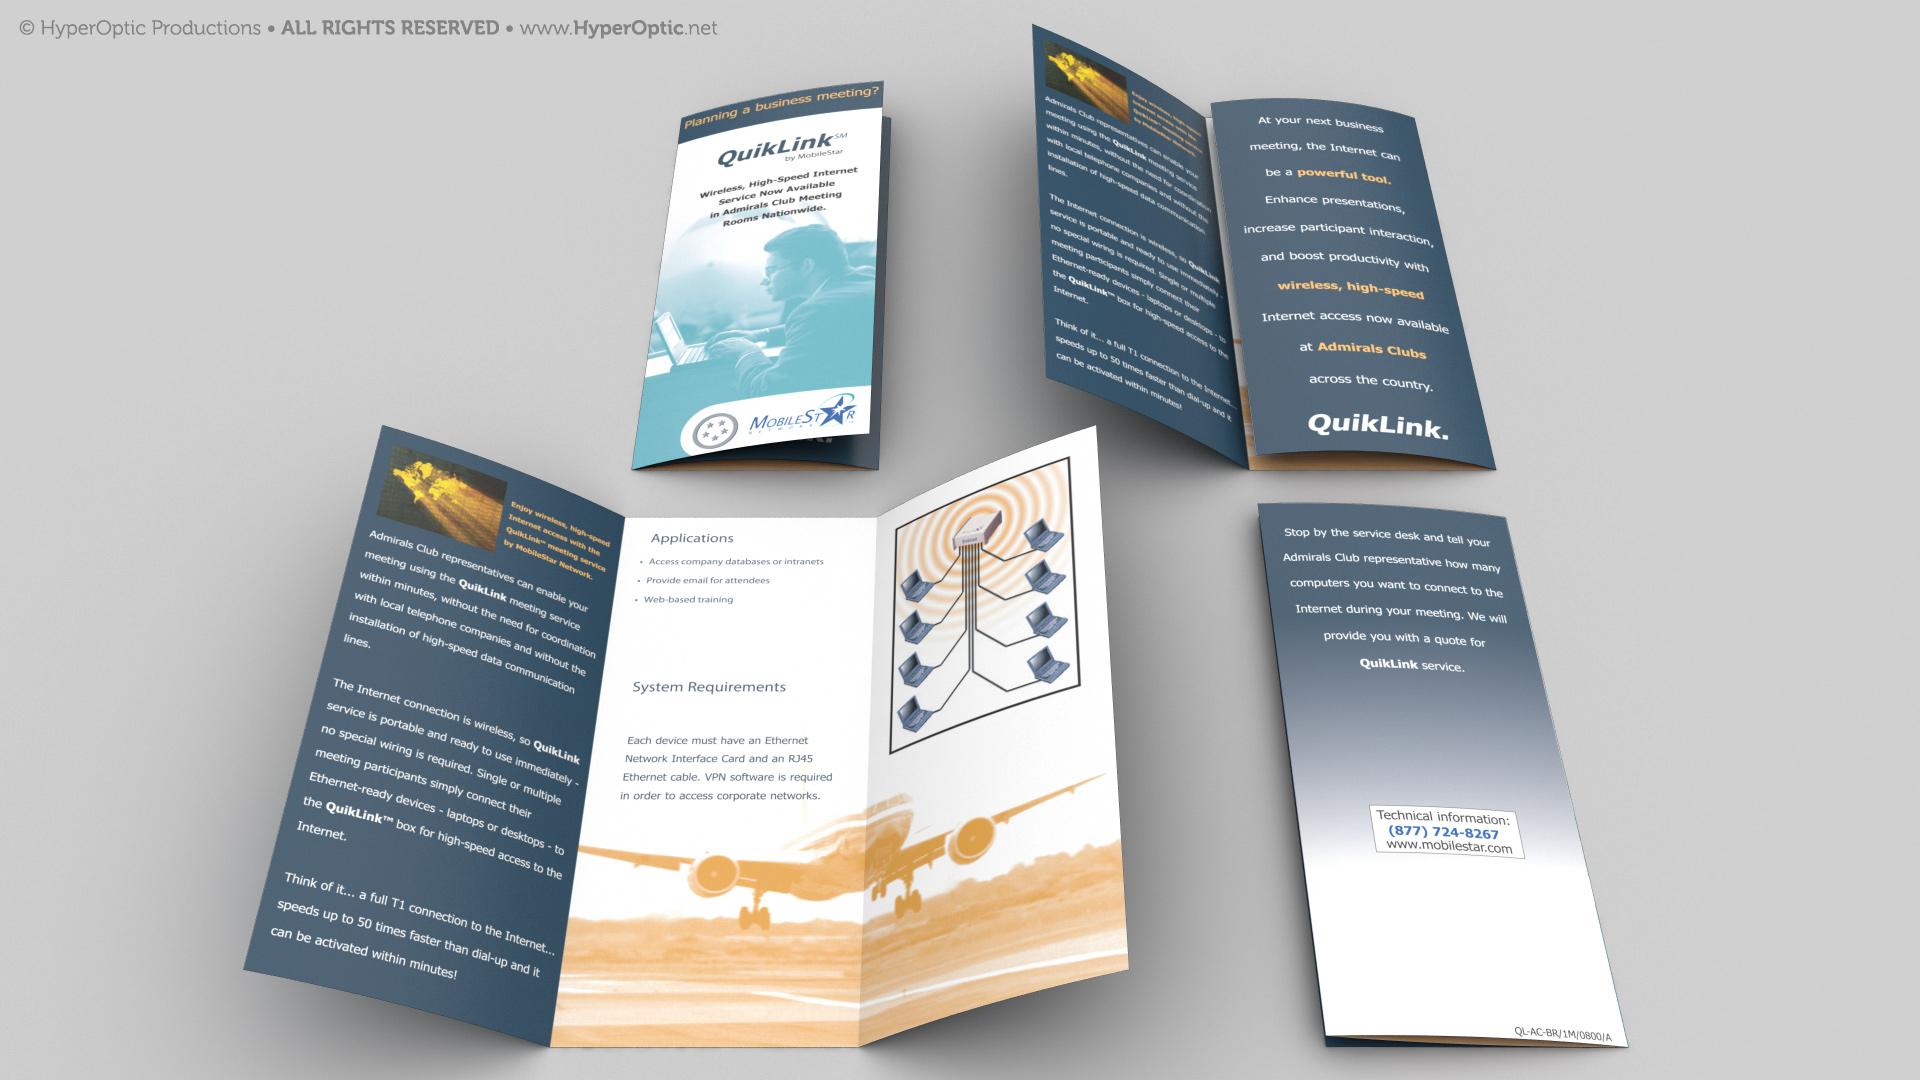 MobileStar-Brochure-Sample---3-UP-QuikLink